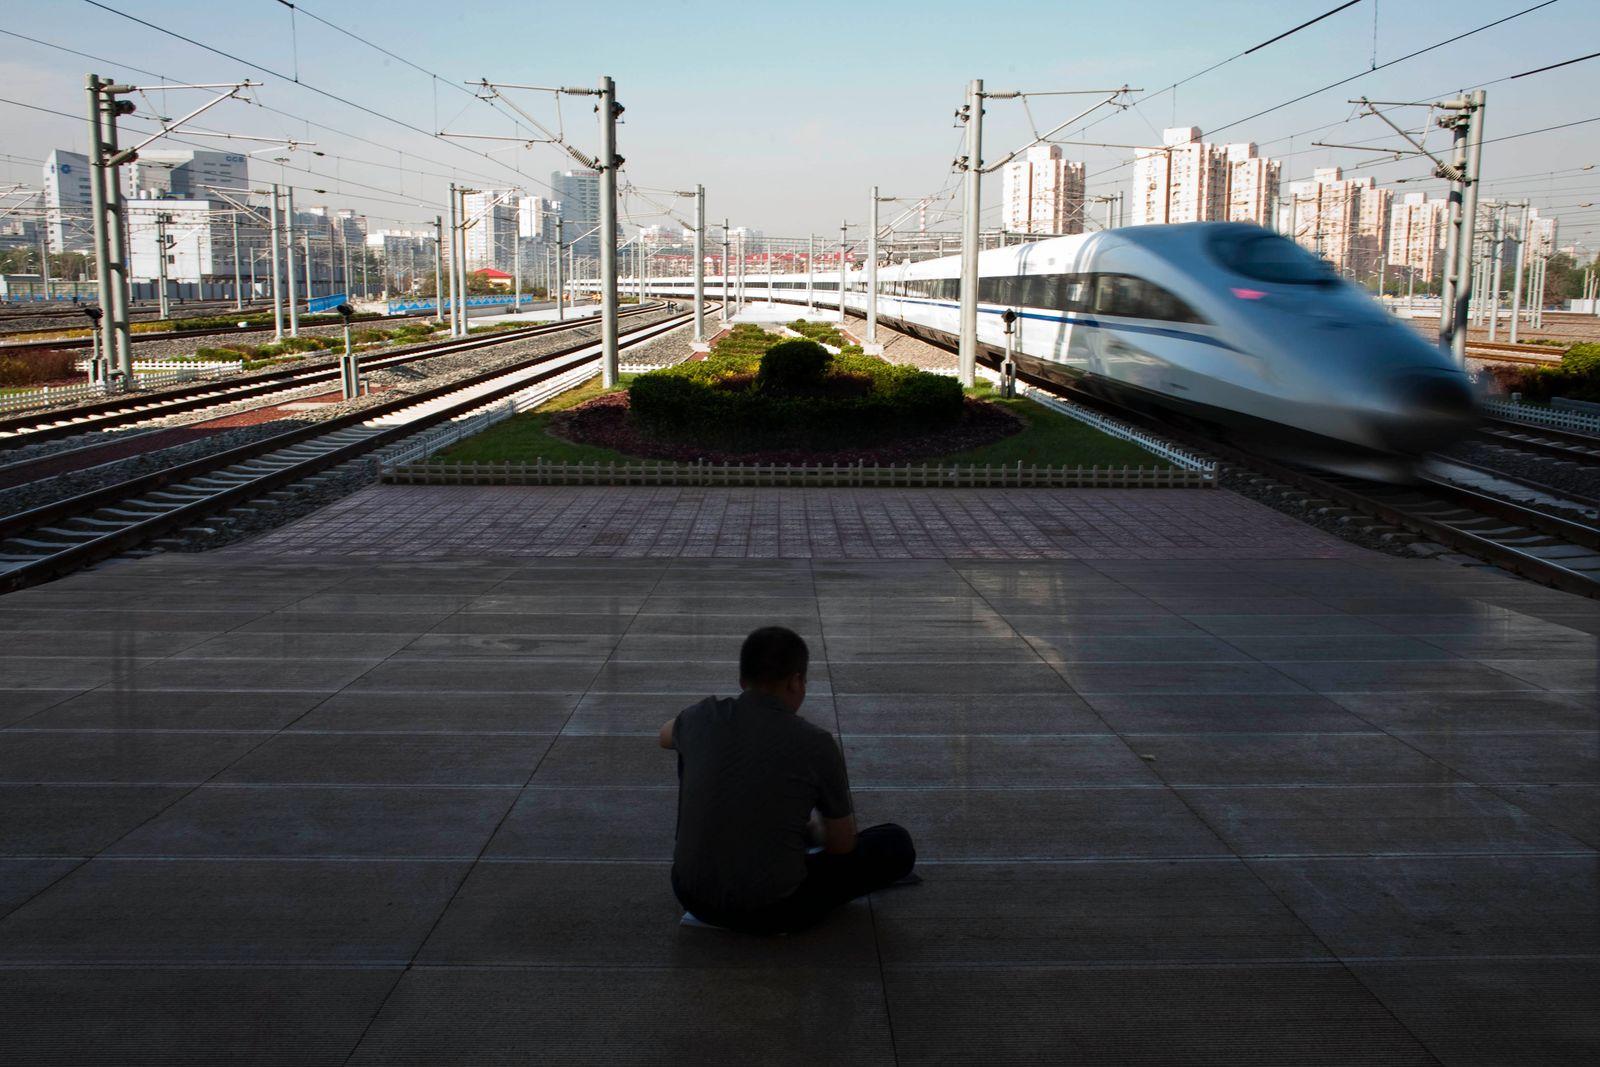 NICHT VERWENDEN China / Zug / Schnellzug / Hochgeschiwndigkeitszug / Peking